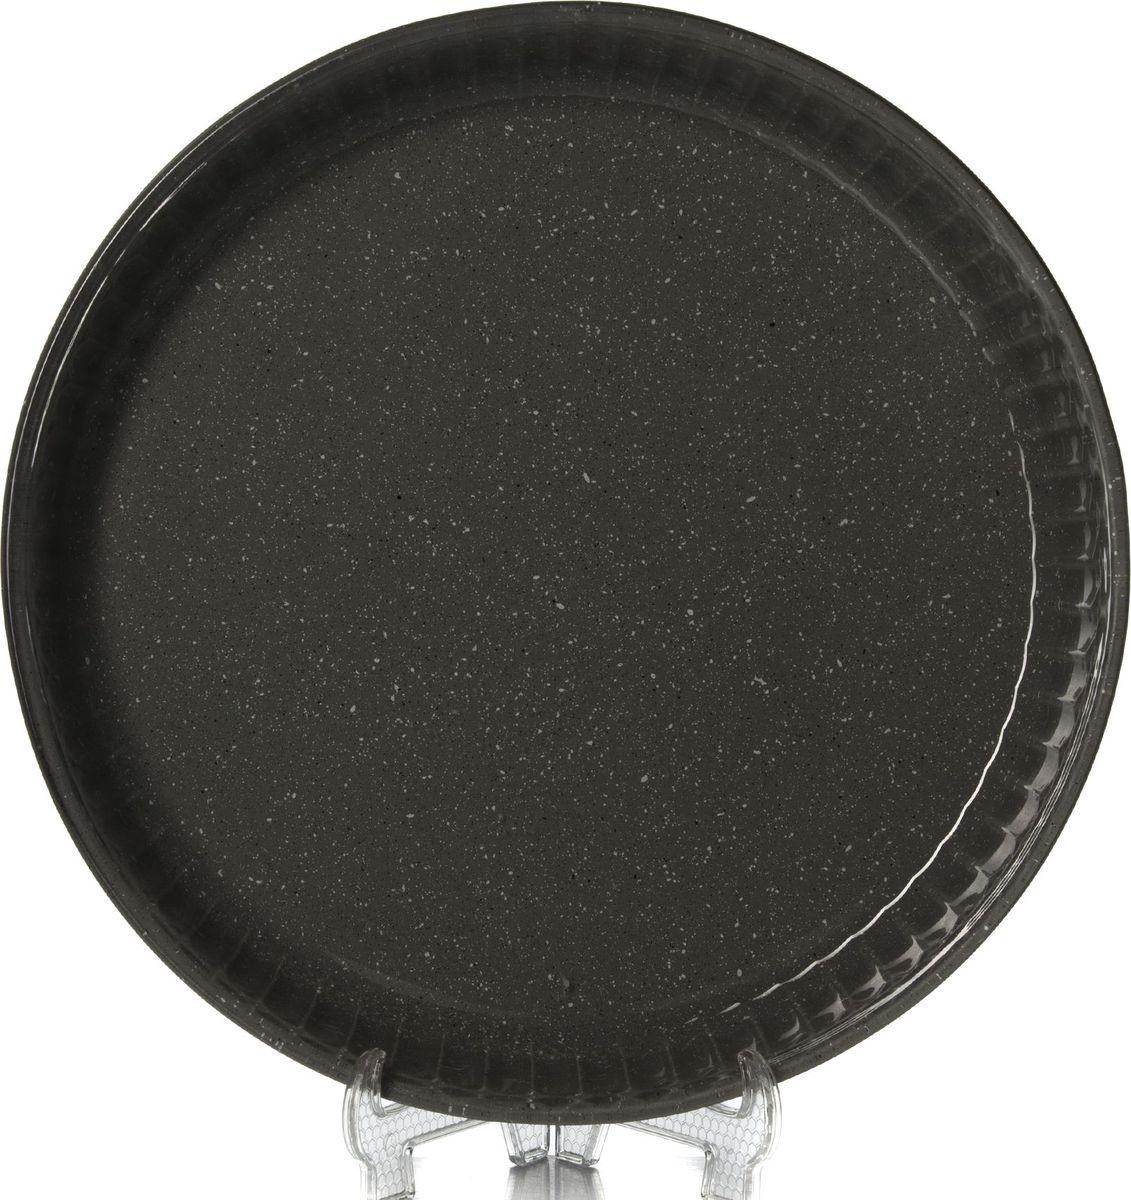 Форма для СВЧ Pasabahce, диаметр 32 см. 59014DGRРАД00000380_зеленыйКруглая форма Pasabahce выполнена из цветного непрозрачного жаропрочного стекла, что позволяет использовать ее для запекания различных блюд. Форма не вступает в реакцию с готовящейся пищей, не выделяет никаких вредных веществ и не подвергается воздействию кислот и солей. Из-за невысокой теплопроводности пища в стеклянной посуде гораздо медленнее остывает. Поэтому в такой форме вы можете как приготовить пищу, так и изящно подать ее к столу, не меняя посуды. Благодаря прозрачности стекла за едой можно наблюдать при ее готовке. Стеклянная посуда очень удобна для приготовления и подачи самых разнообразных блюд.Форма дополнена рельефом с внутренней стороны. Посуду можно использовать в СВЧ и духовом шкафу при температуре до +300°С, ставить в морозилку при температуре -40°С, а также мыть в посудомоечной машине. Диаметр формы: 32 см.